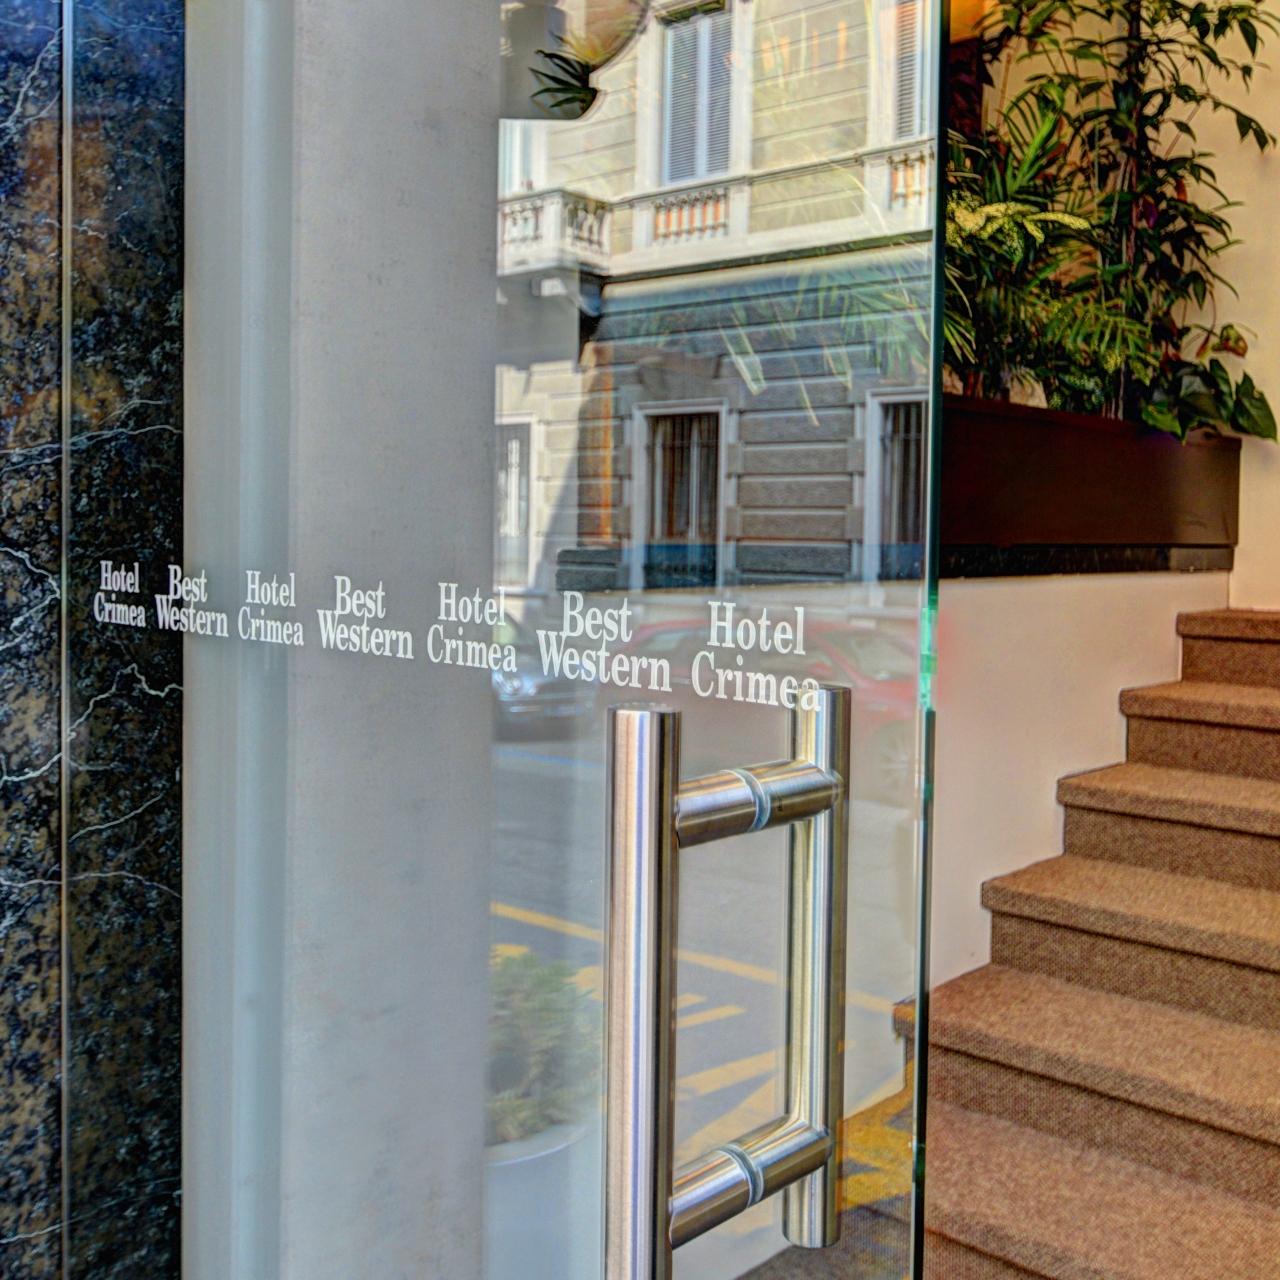 Best_Western_Crimea-Turin-Hotel_outdoor_area-1-13169